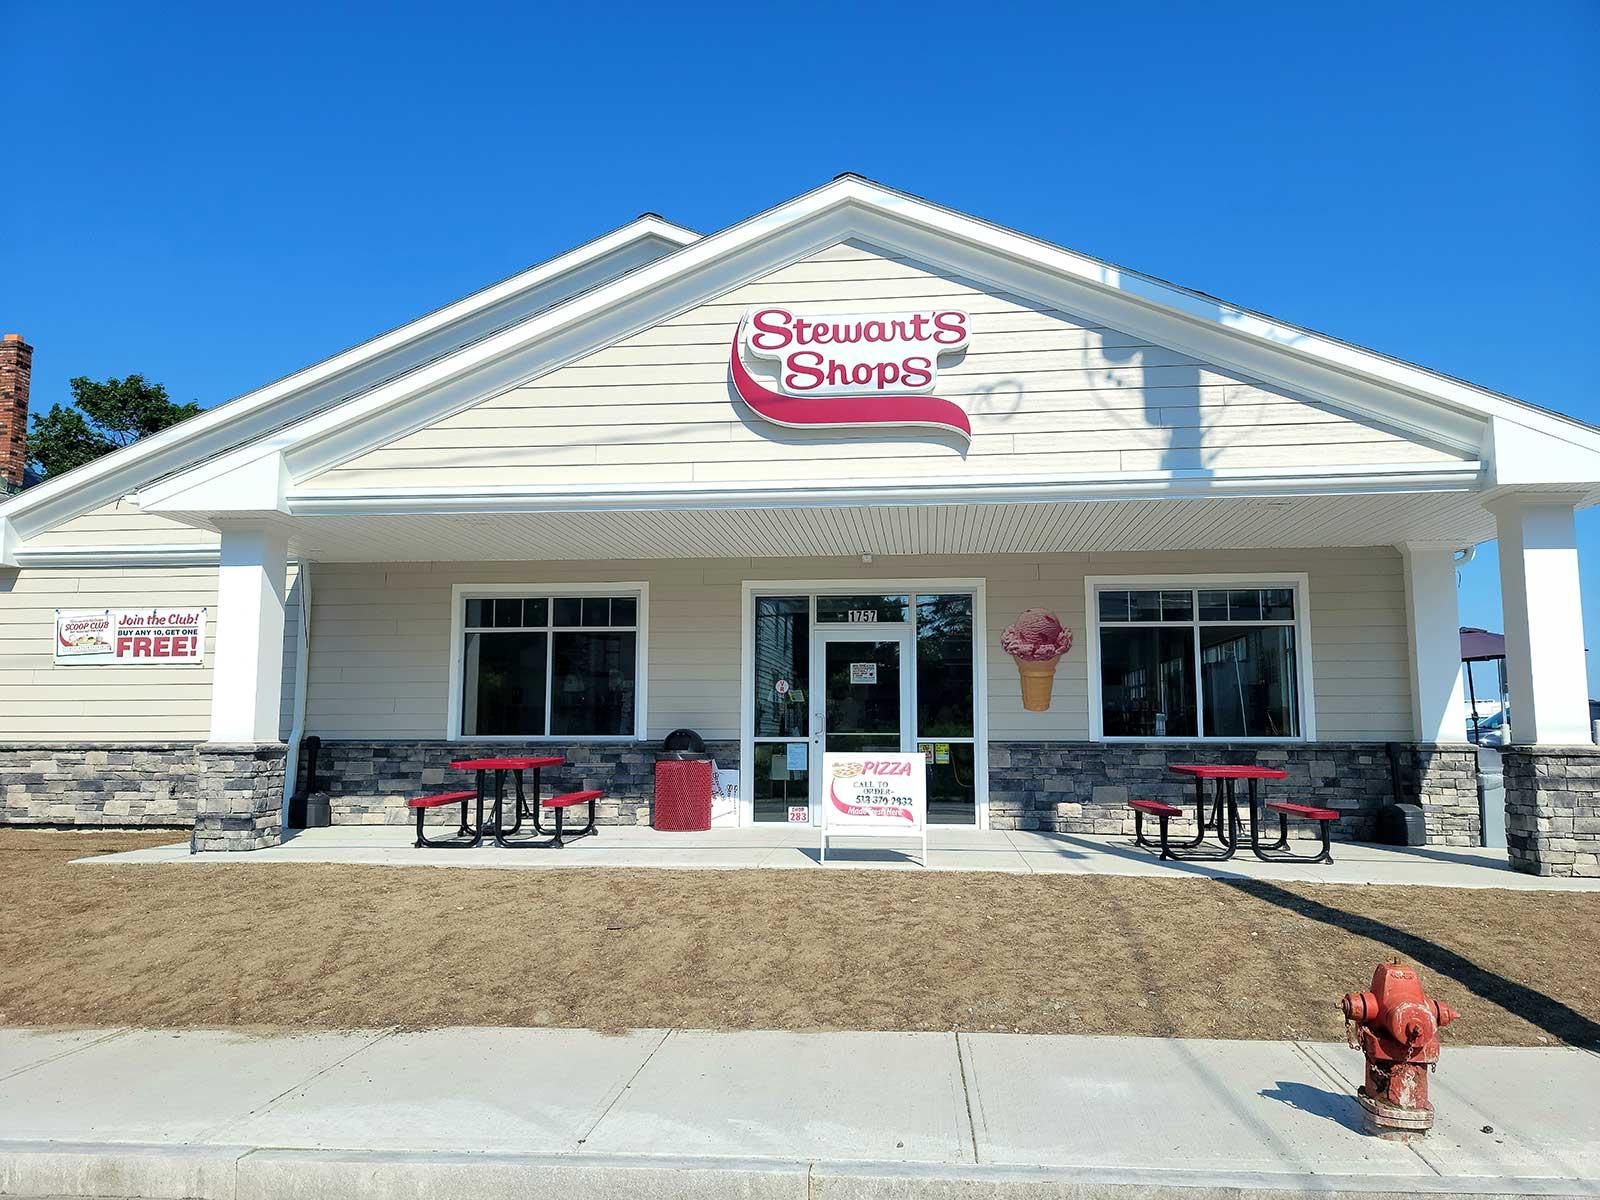 Stewart's Shop - Schenectady, NY